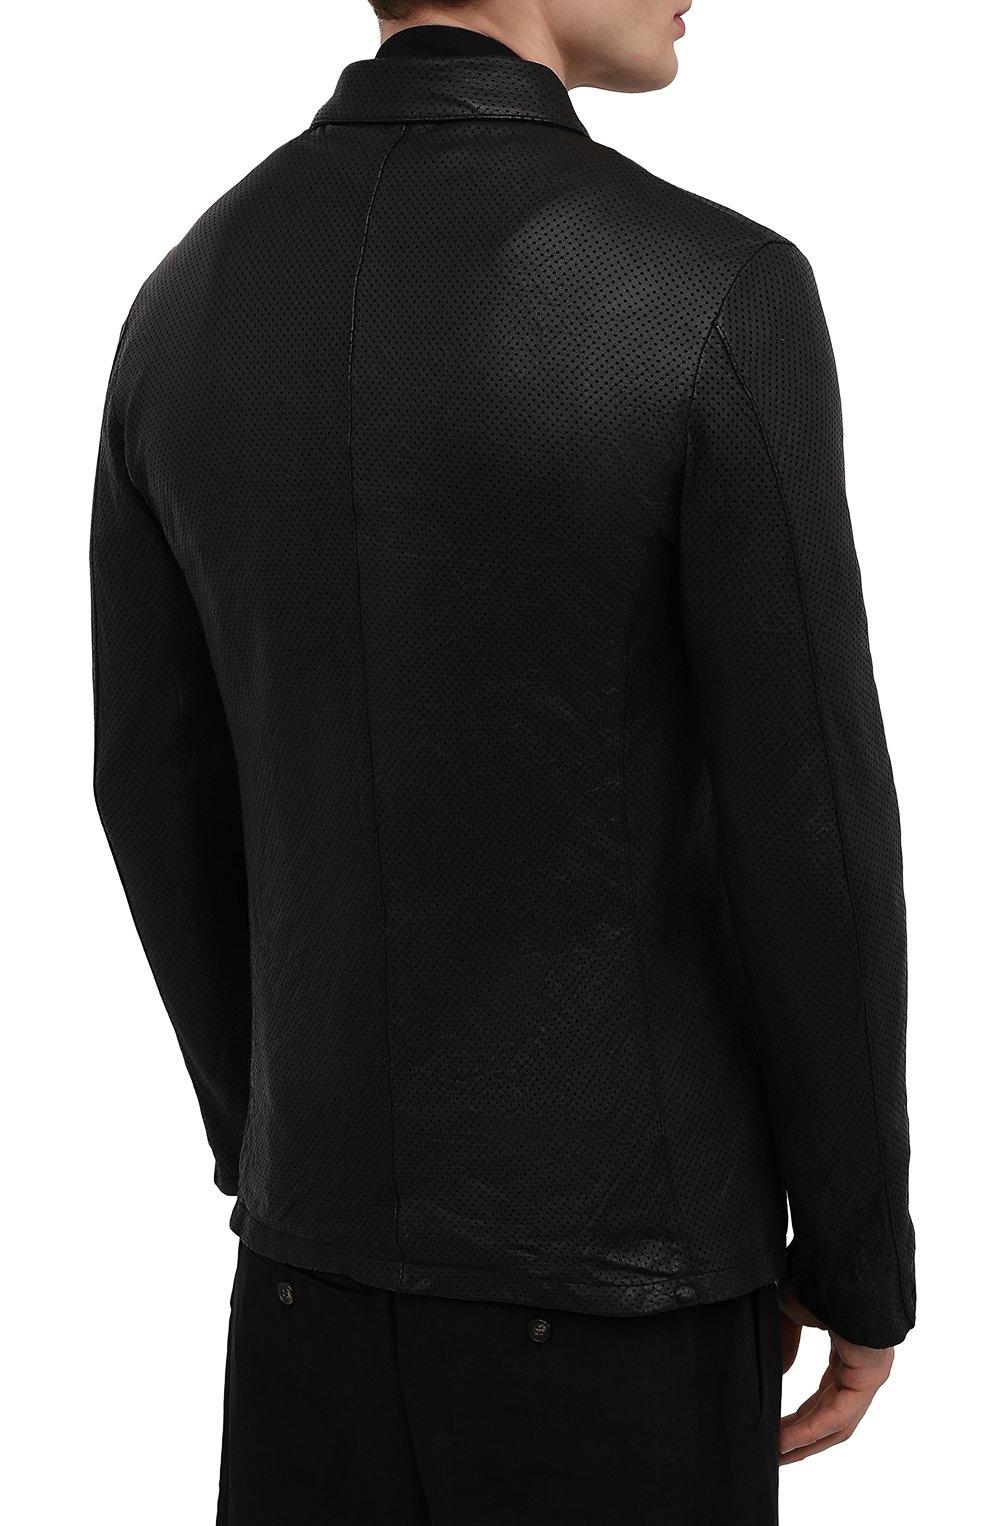 Мужская кожаная куртка GIORGIO BRATO черного цвета, арт. GU21S9616HL136 | Фото 4 (Кросс-КТ: Куртка; Рукава: Длинные; Стили: Гранж; Мужское Кросс-КТ: Кожа и замша; Длина (верхняя одежда): Короткие; Материал подклада: Хлопок)